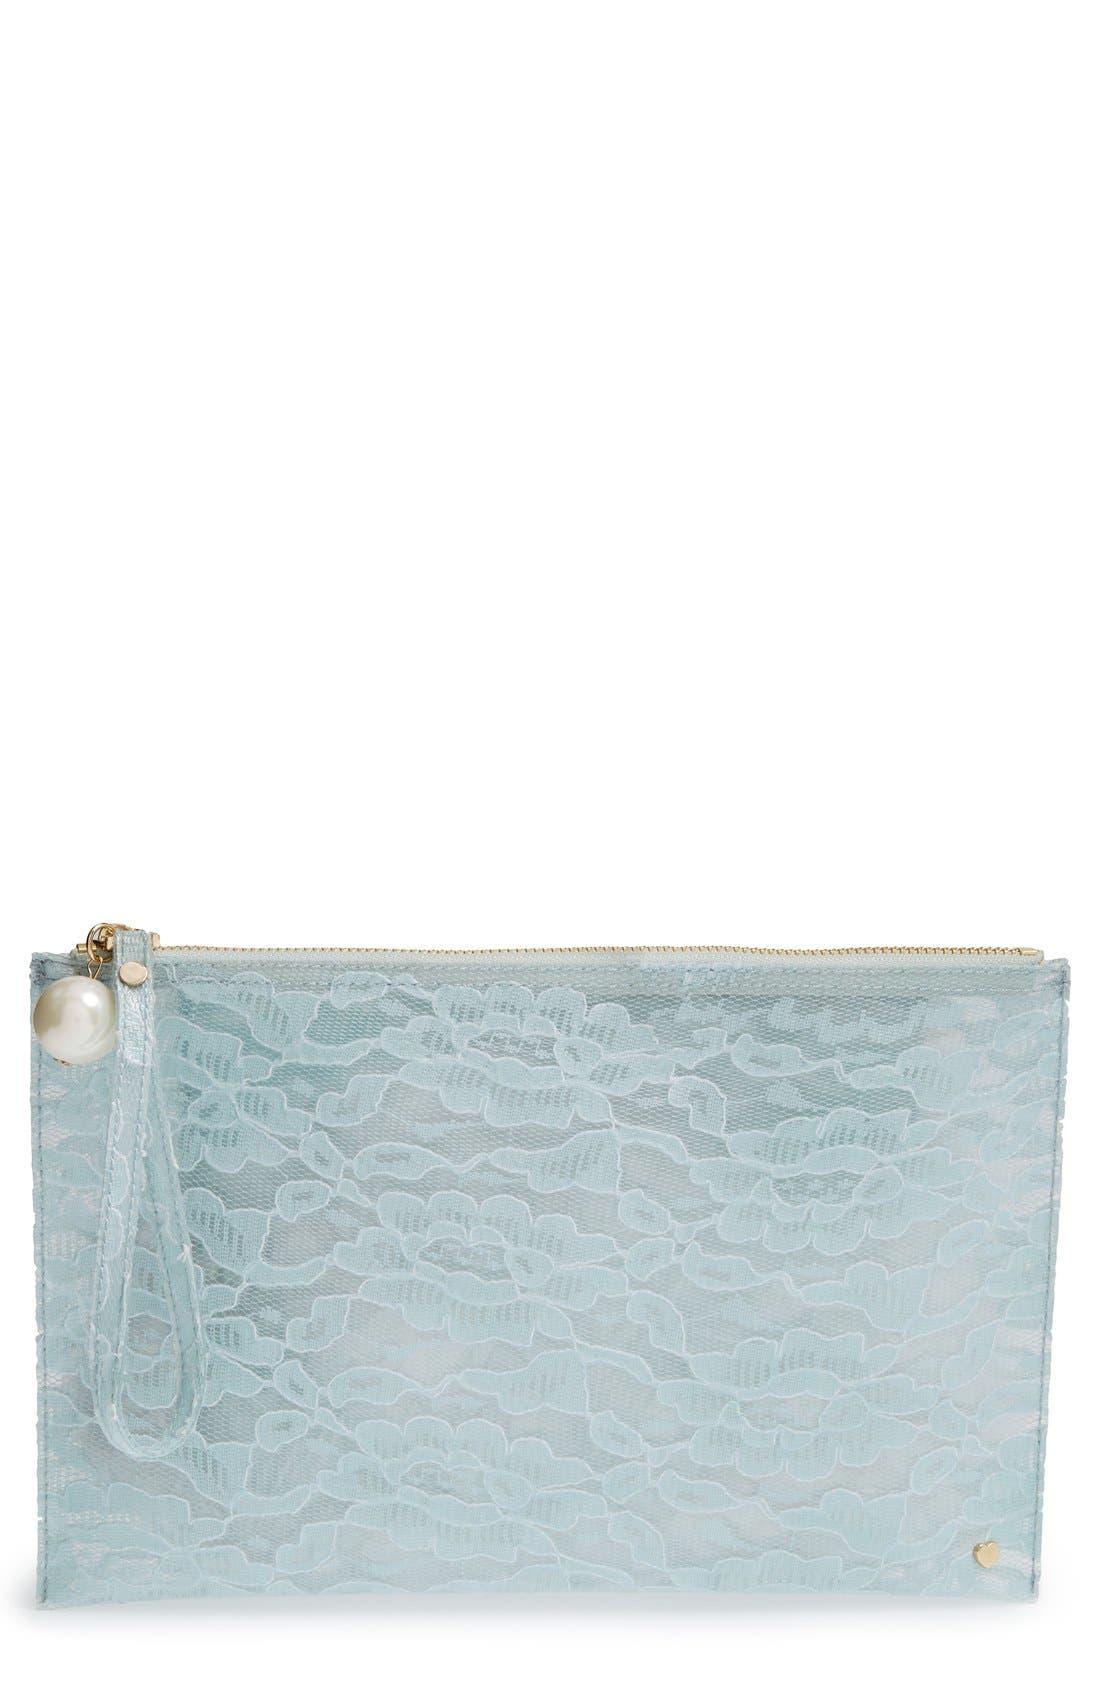 Main Image - Deux Lux 'Amour' Transparent Lace Jelly Pouch